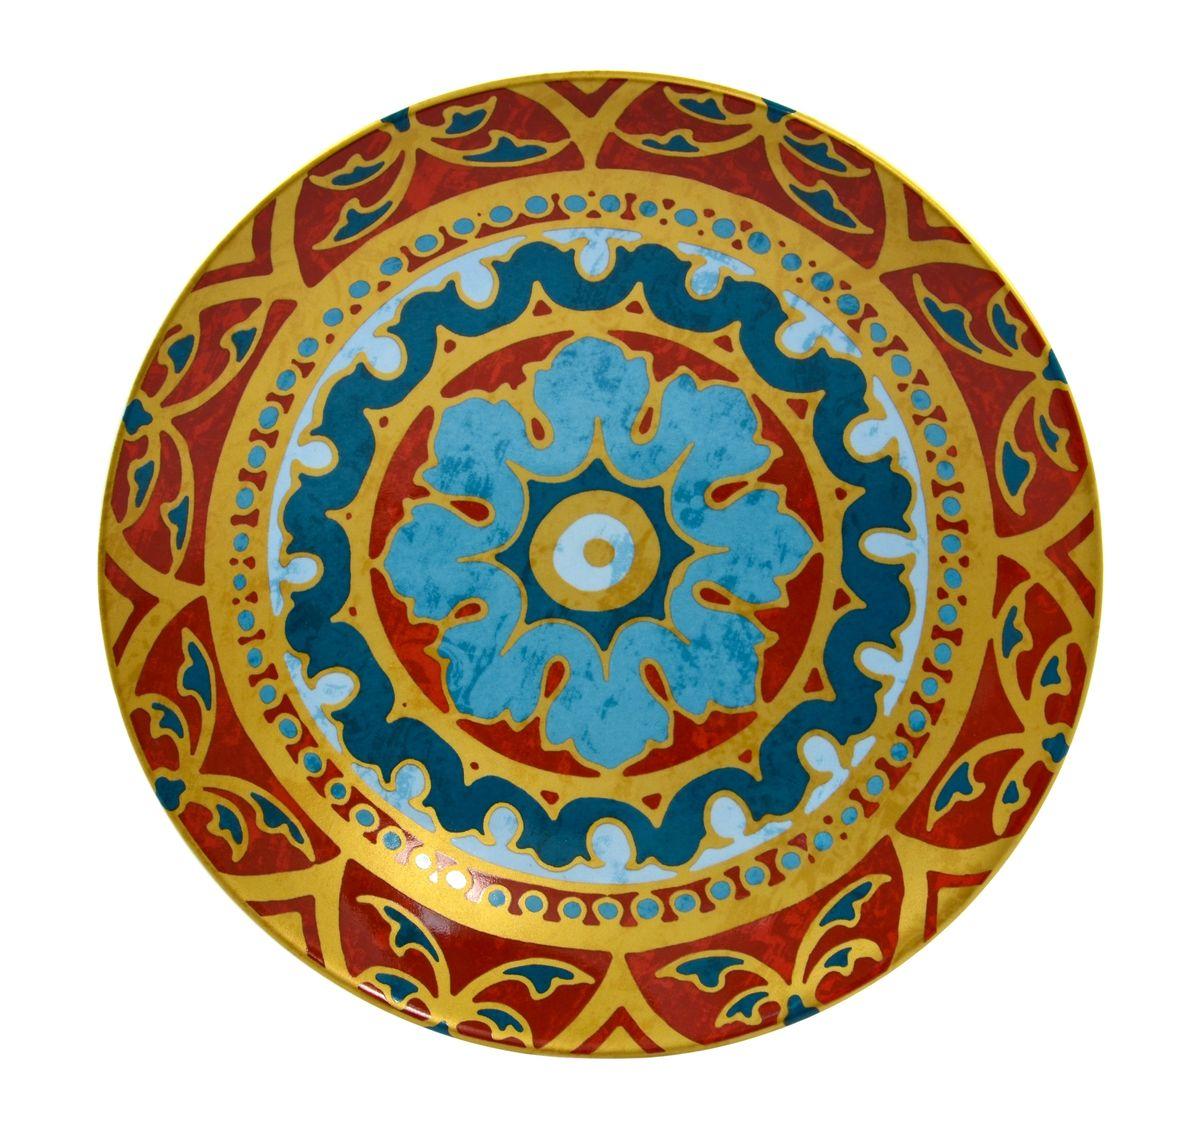 Тарелка глубокая Utana Голден Палас, диаметр 22 смUTGP67840Тарелка Utana Голден Палас изготовлена из высококачественной керамики. Предназначена для подачи супа или салата. Изделие декорировано оригинальным орнаментом. Такая тарелка украсит сервировку стола и подчеркнет прекрасный вкус хозяйки. Можно мыть в посудомоечной машине и использовать в СВЧ. Диаметр: 22 см. Высота: 4,5 см.